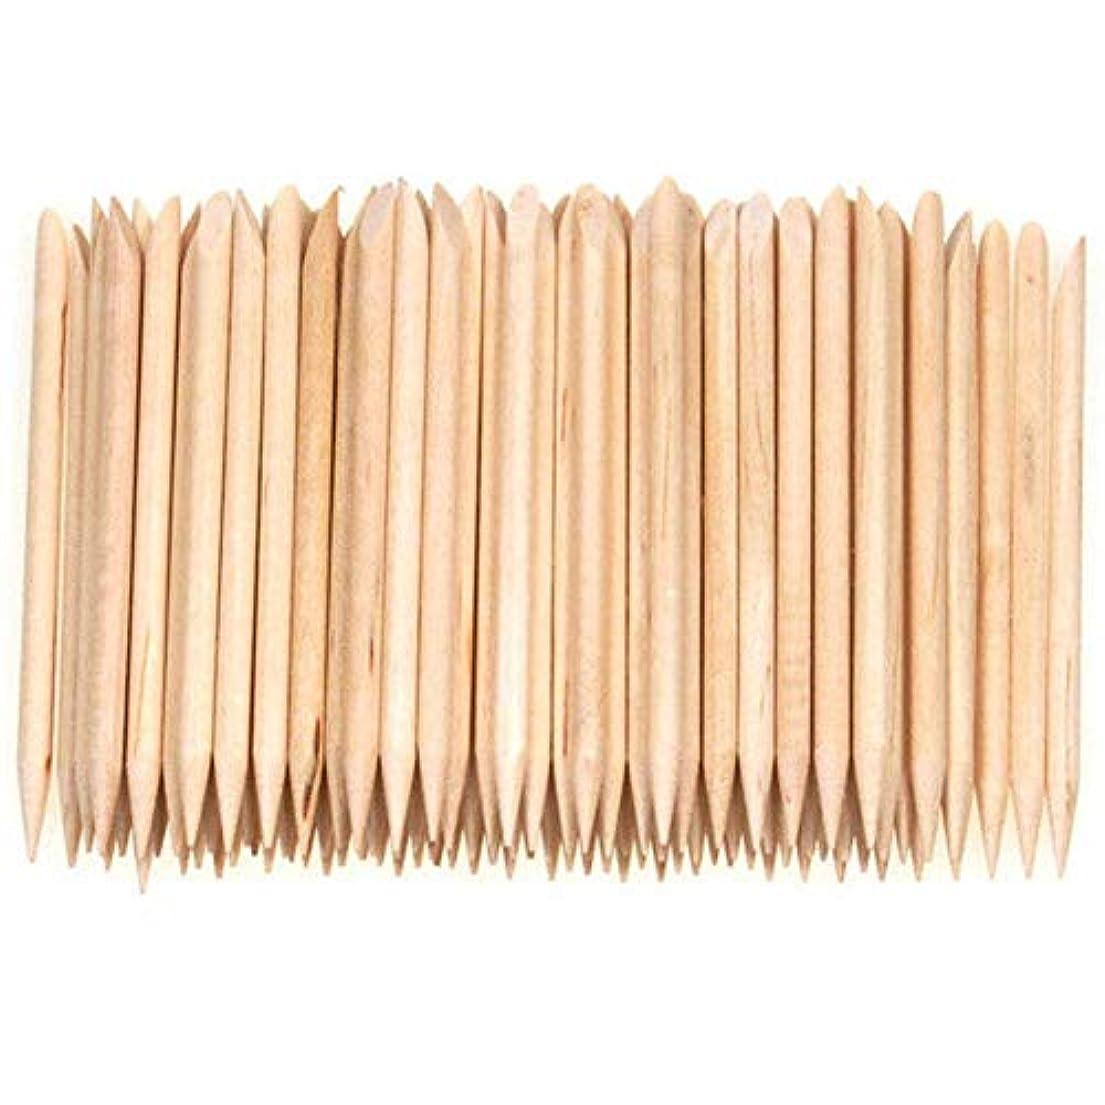 反乱続編気配りのあるSemoic 100個ネイルアートデザイン木製の棒キューティクルプッシャーリムーバーマニキュアケア